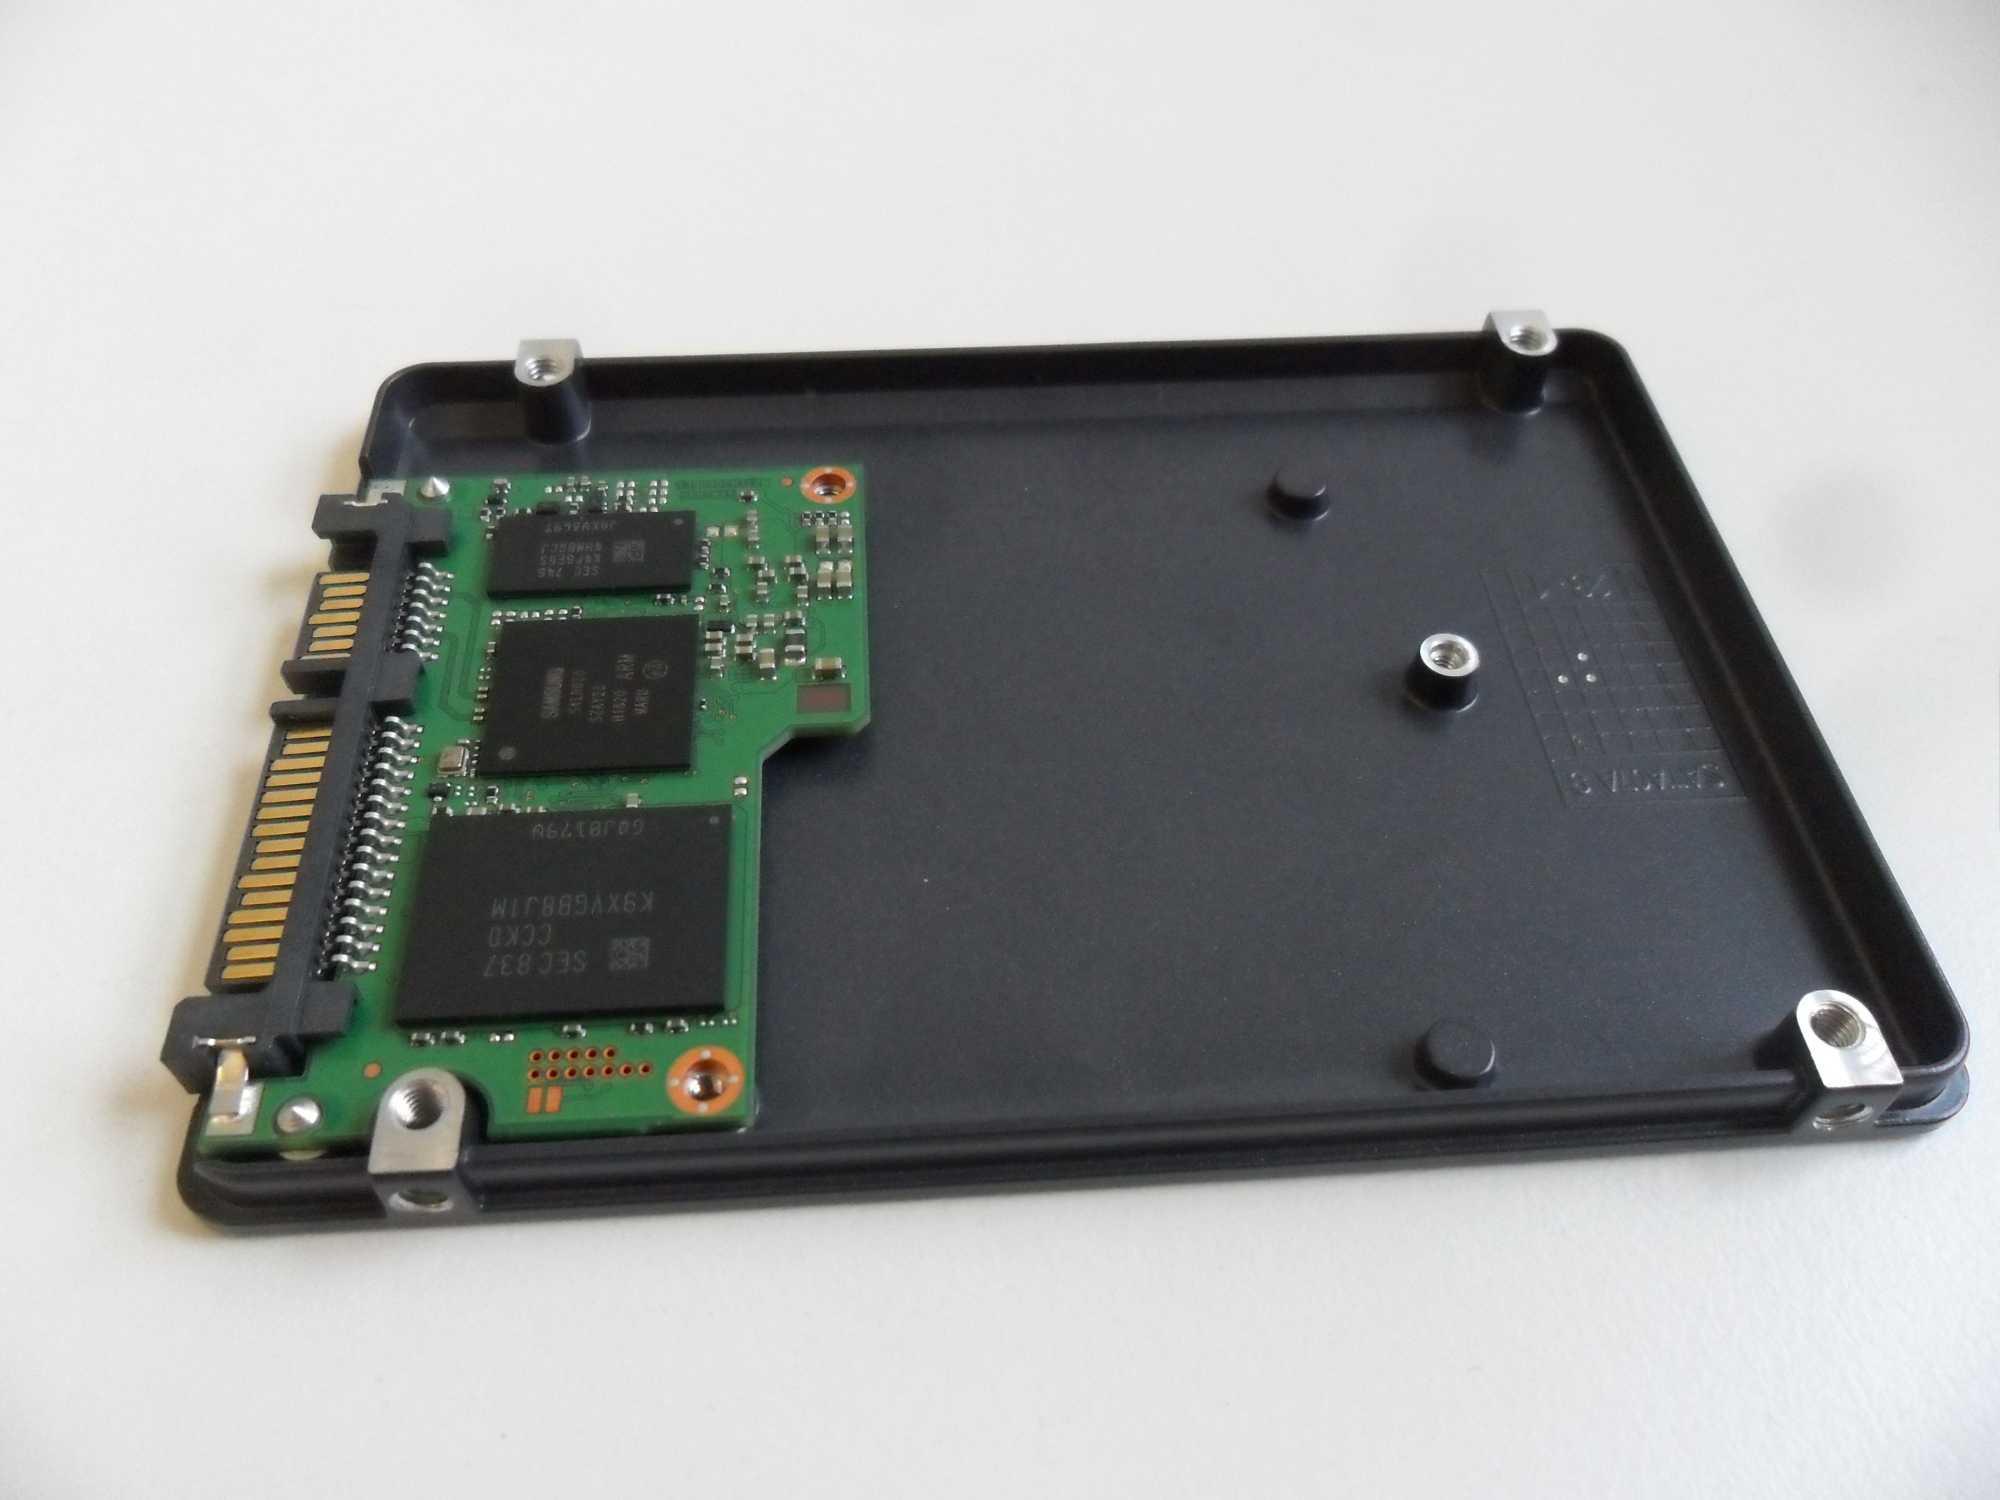 2 TByte Speicher bringt Samsung auf der kleinen Platine unter. Da in dem Gehäuse noch viel Luft ist, sind größere Versionen durchaus machbar.